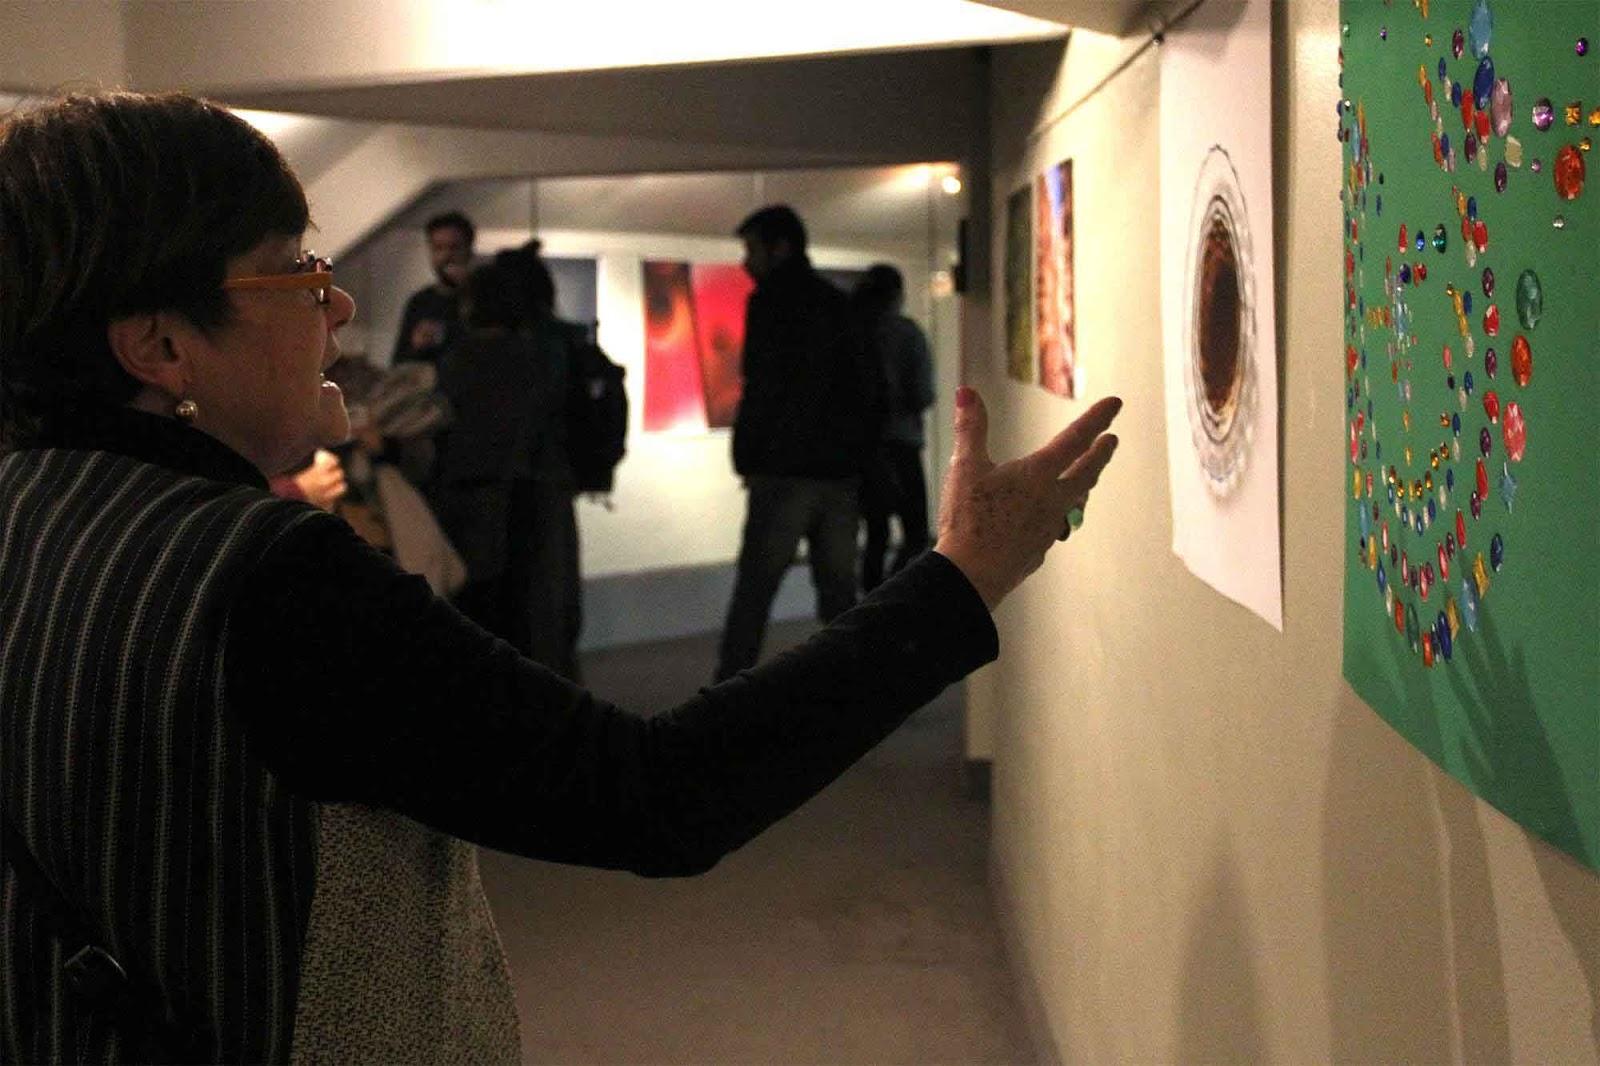 Alejo Sánchez Fotografía - Fotografía comercial y de autor - Cursos Talleres - Viajes - Workshops - Fine art Obras - Estudio - Muestras Fotográficas - Curadurías - Dirección de arte -